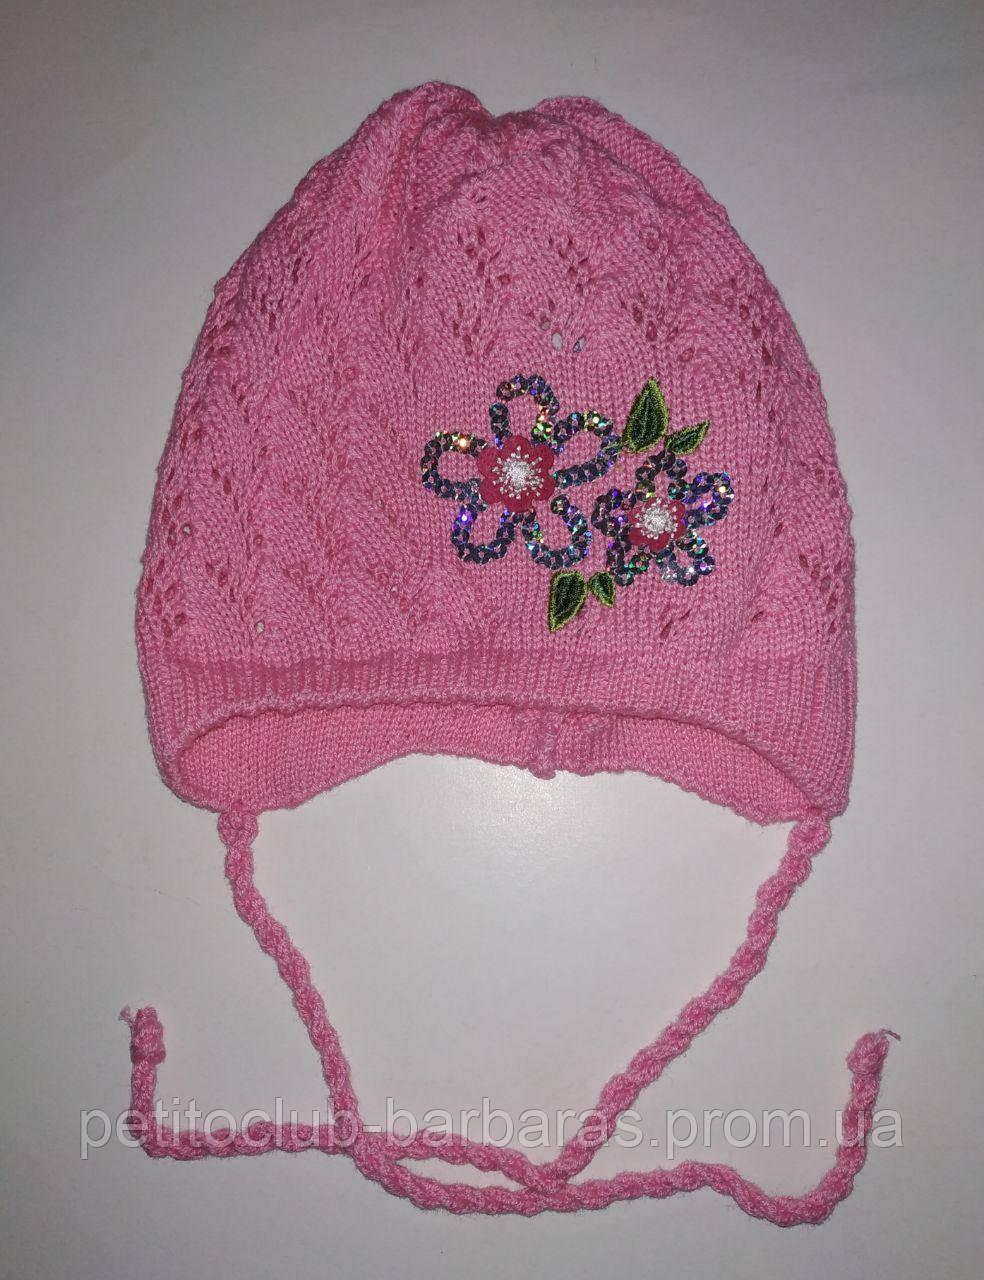 Детская ажурная шапка для девочки с цветком розовая (AJS, Польша)